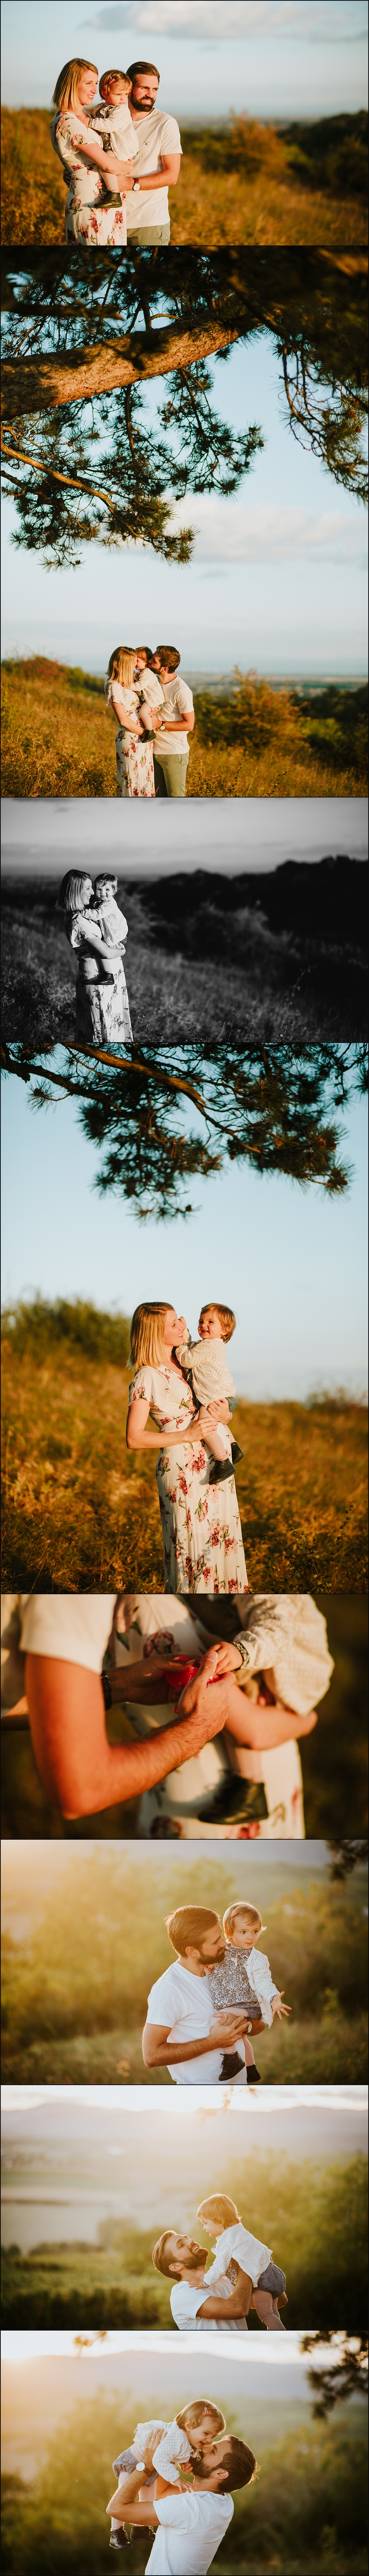 Photographe famille grossesse Alsace